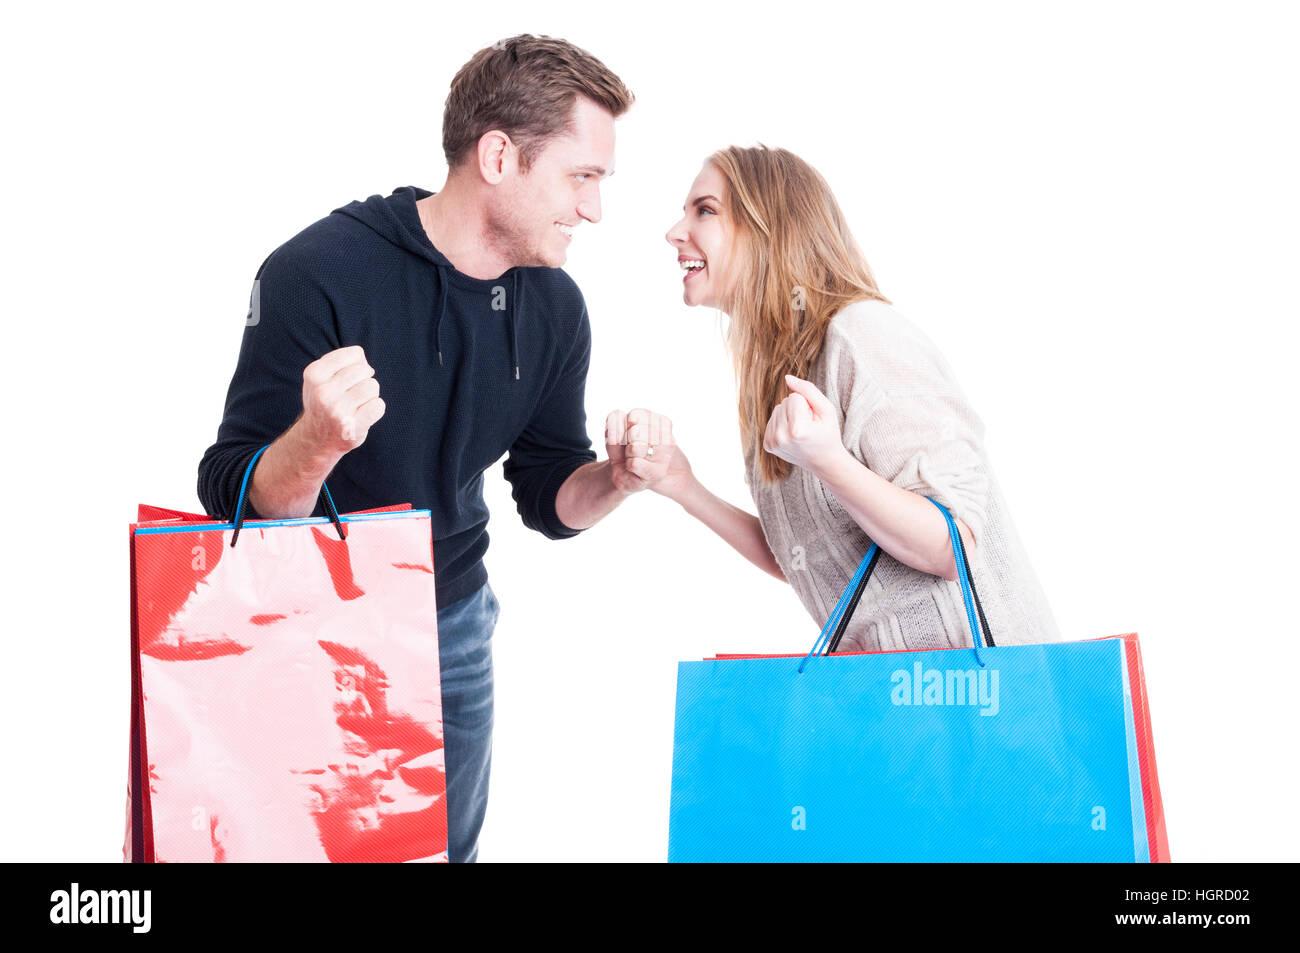 Paar halten Einkaufstaschen machen siegreichen Geste mit Fäusten, die isoliert voneinander betrachten und glücklich Stockbild